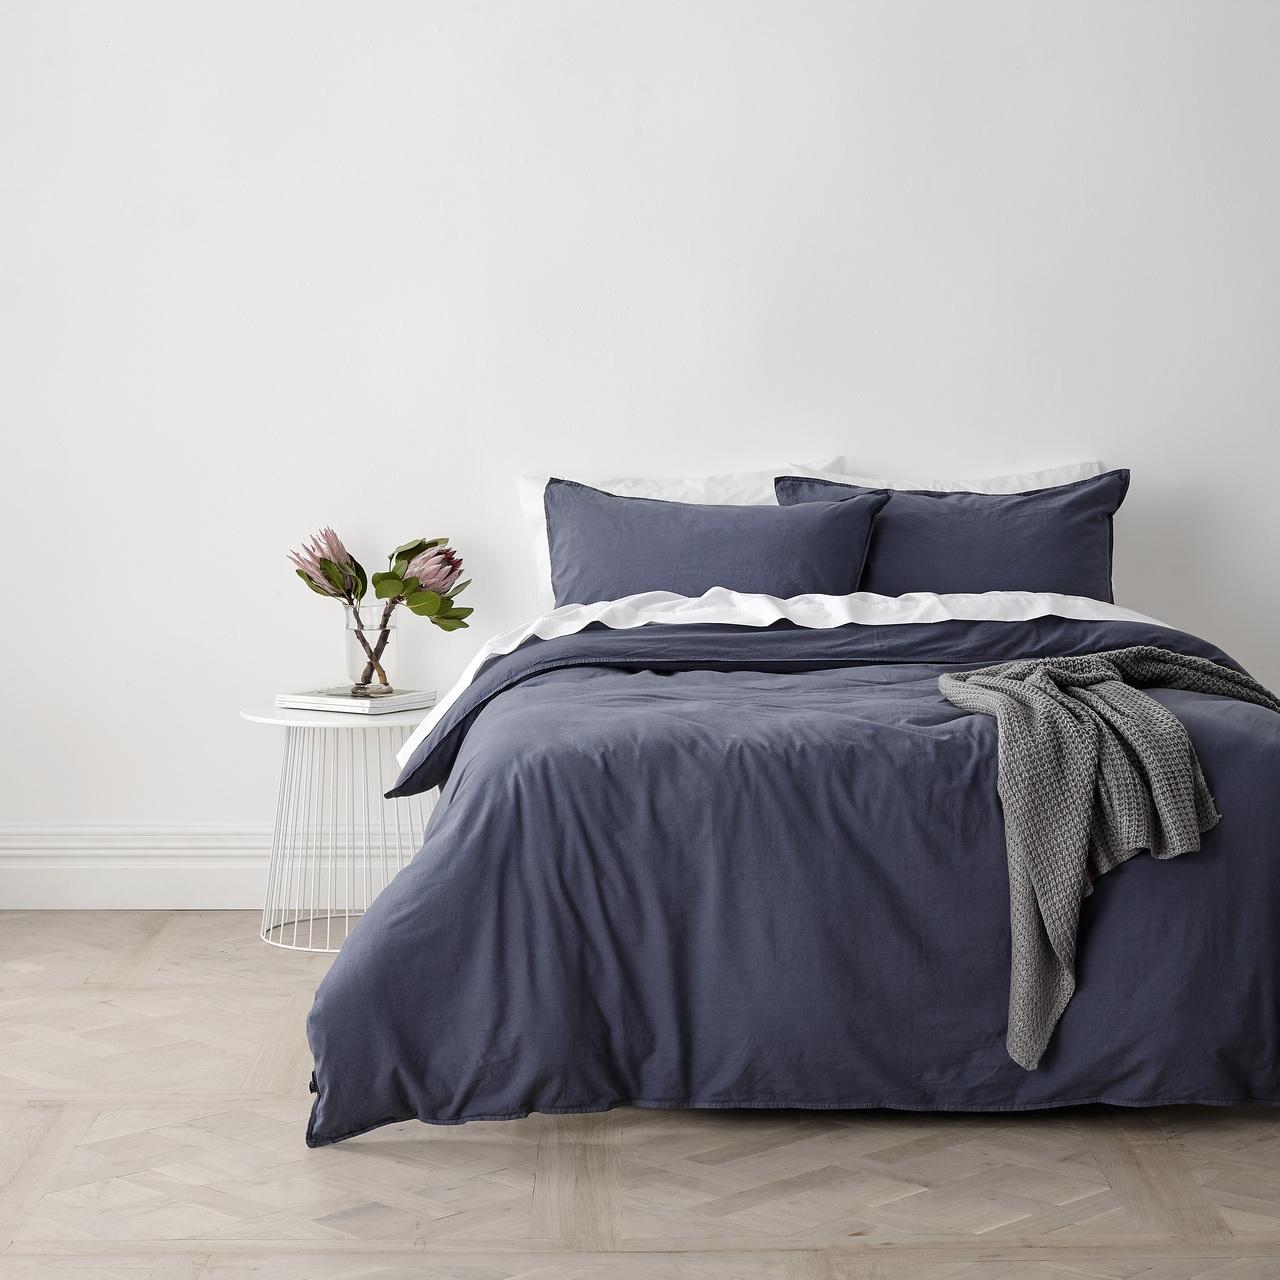 Harper Home Vintage Washed King Bed Quilt Cover Set | Blue Stone